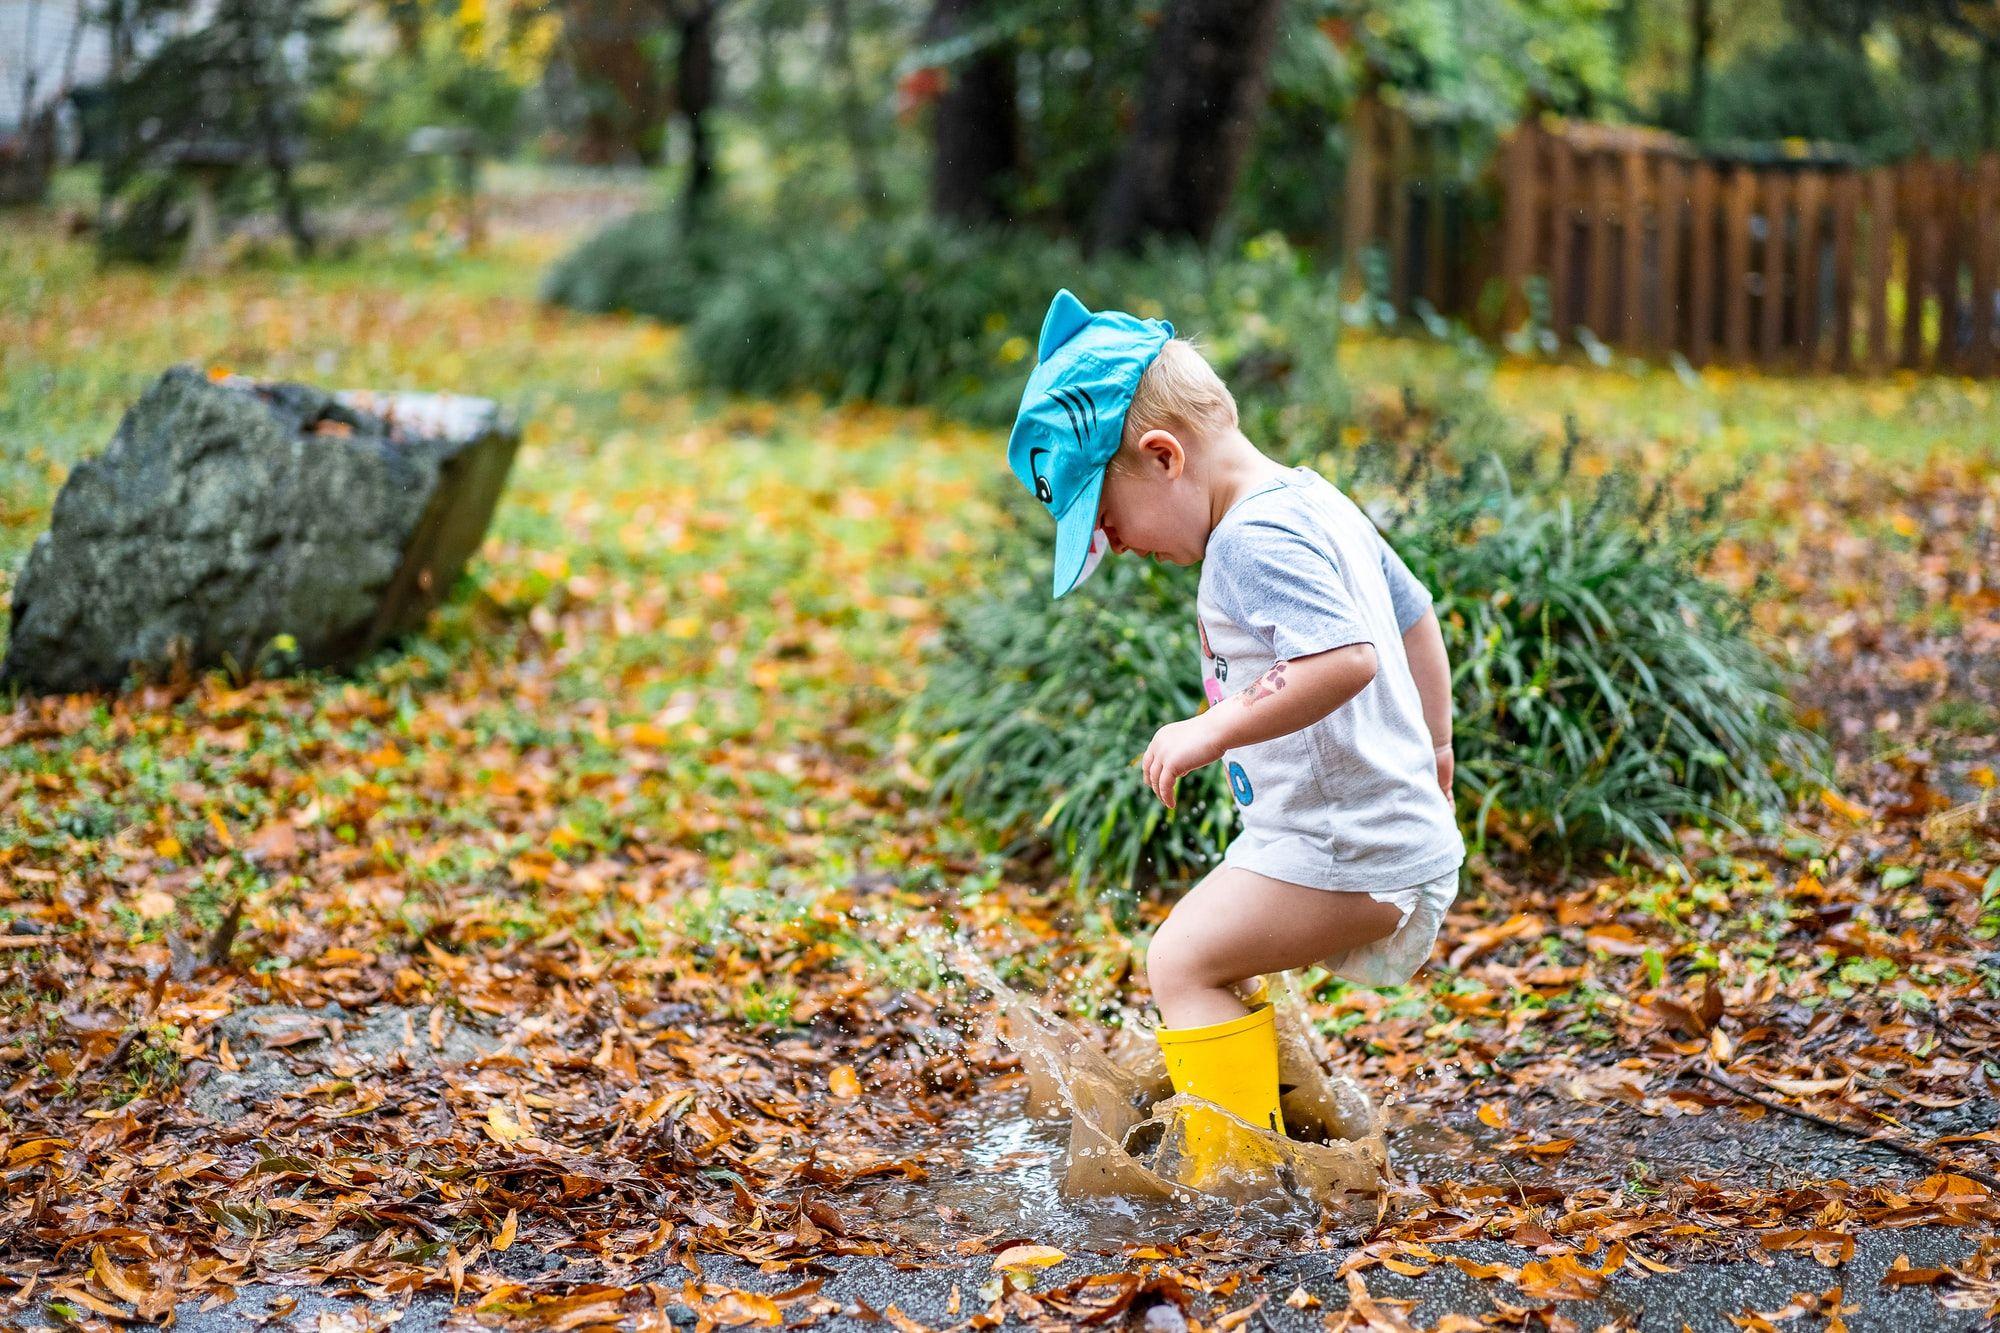 Cách tổ chức các hoạt động ngoài trời cho trẻ